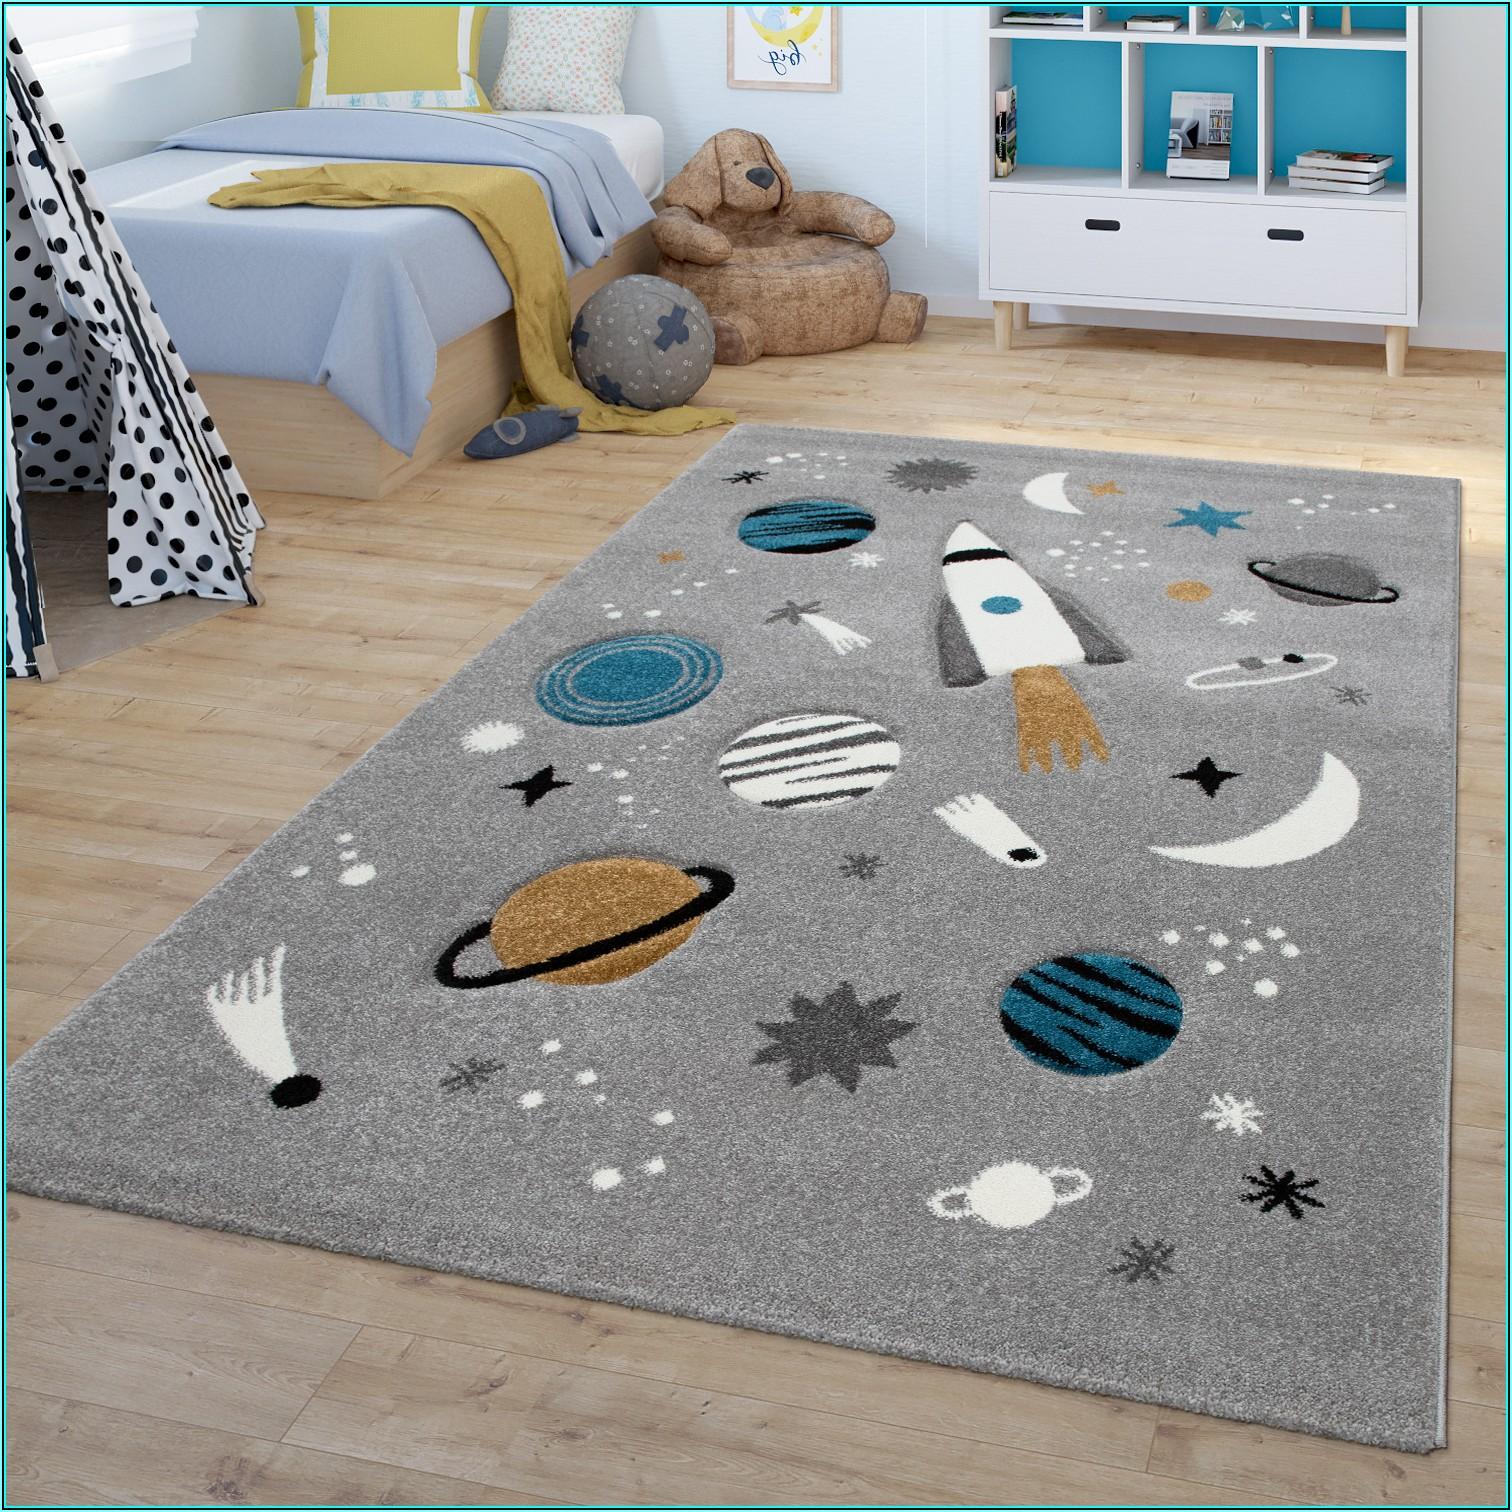 Bio Teppich Für Kinderzimmer